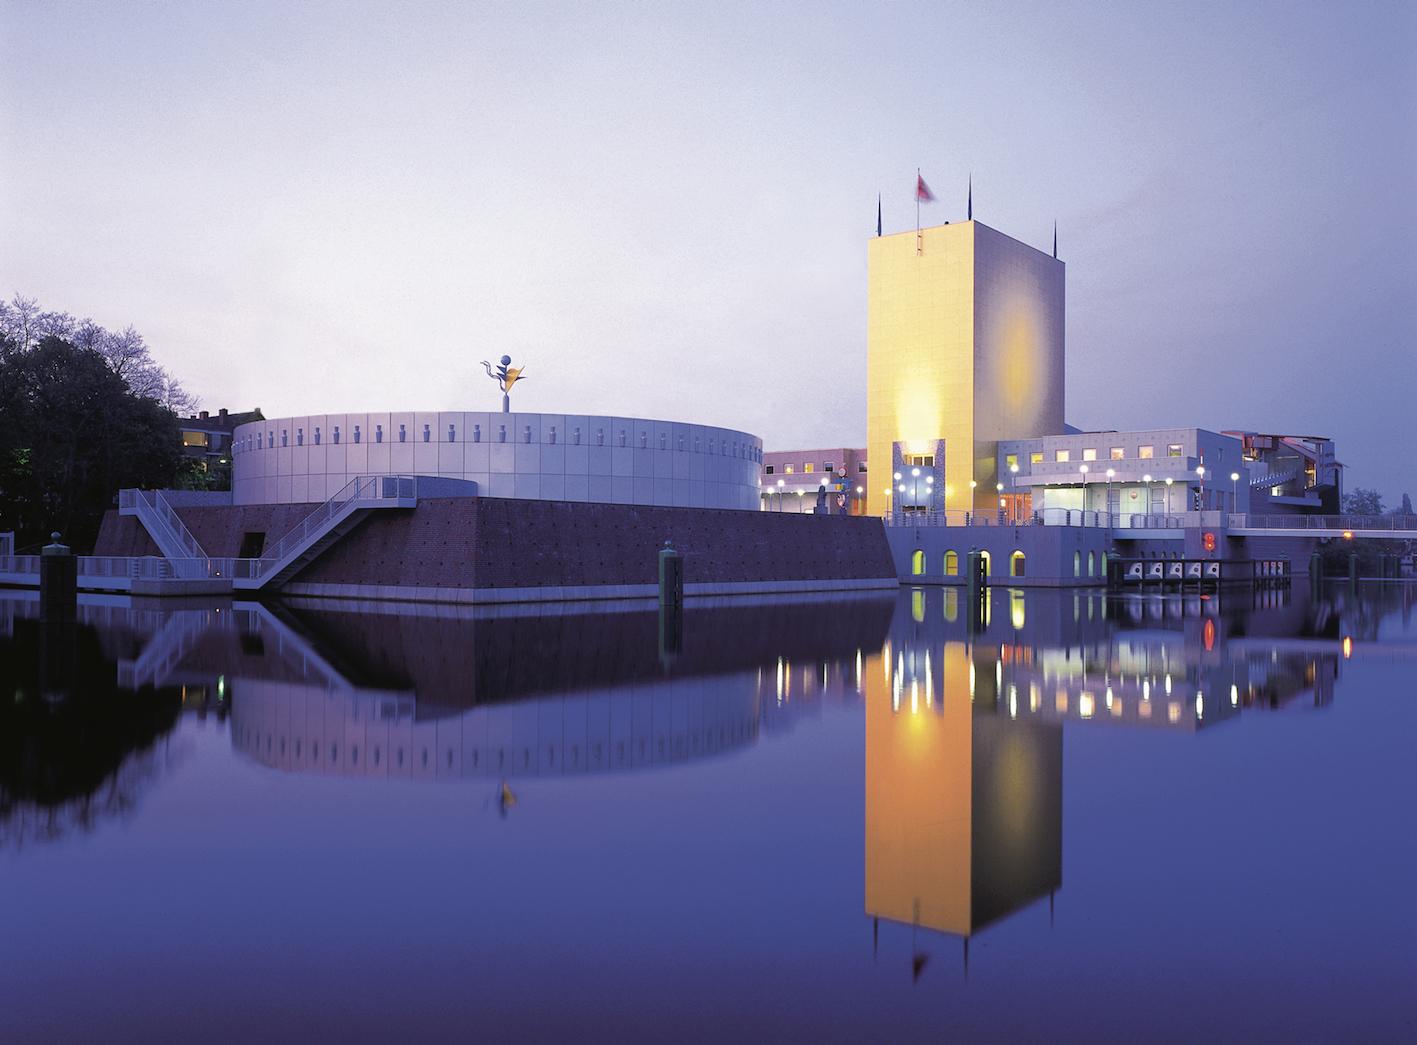 Groninger Museum, design by Alessandro and Francesco Mendini, Groningen, Holland, 1994.